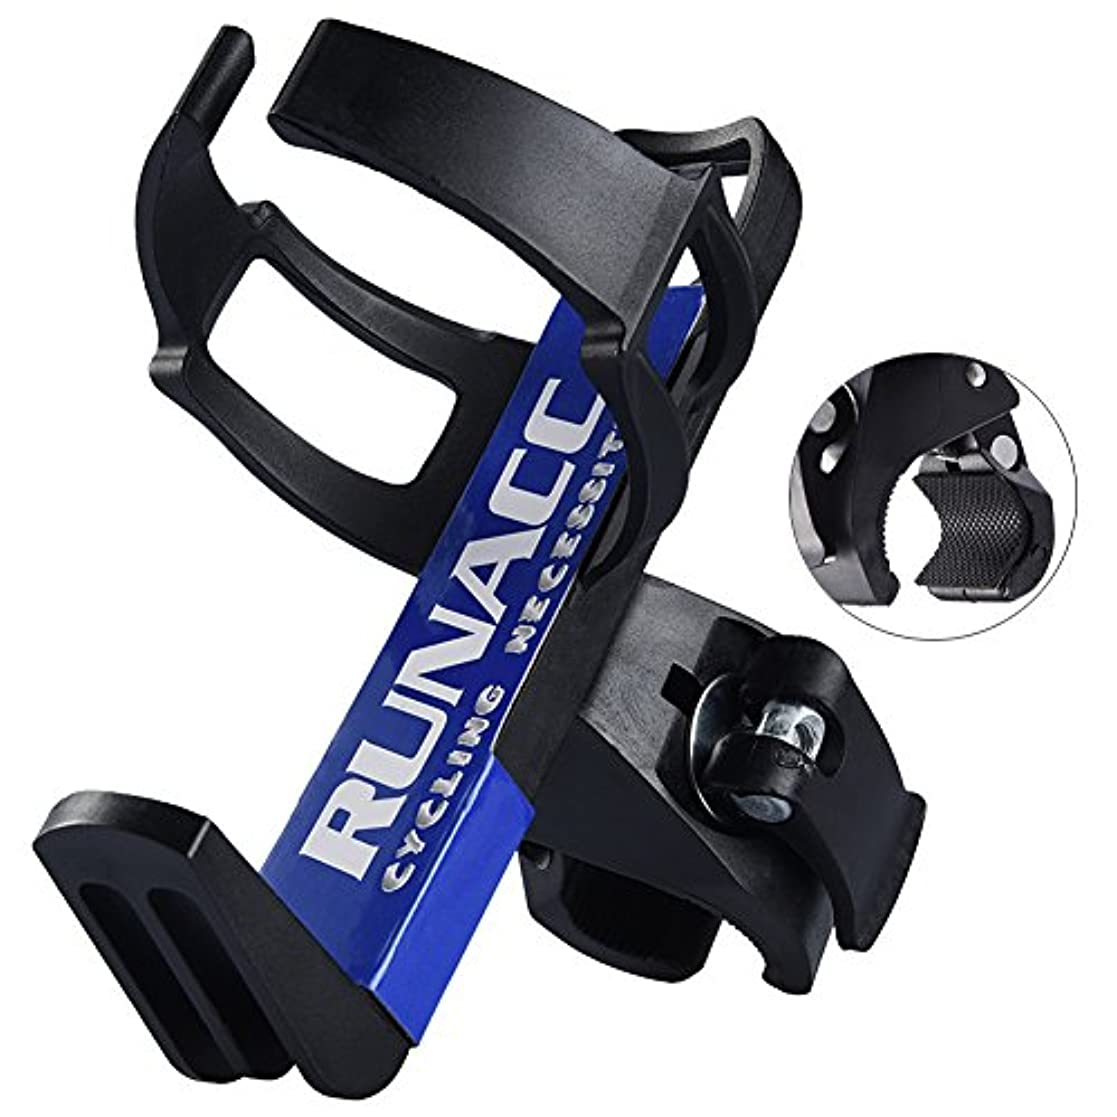 自分のあらゆる種類の最少Runacc サイクルボトルケージ 自転車用ボトルホルダー ドリンクホルダー クランプ式 調整可能 ブラック